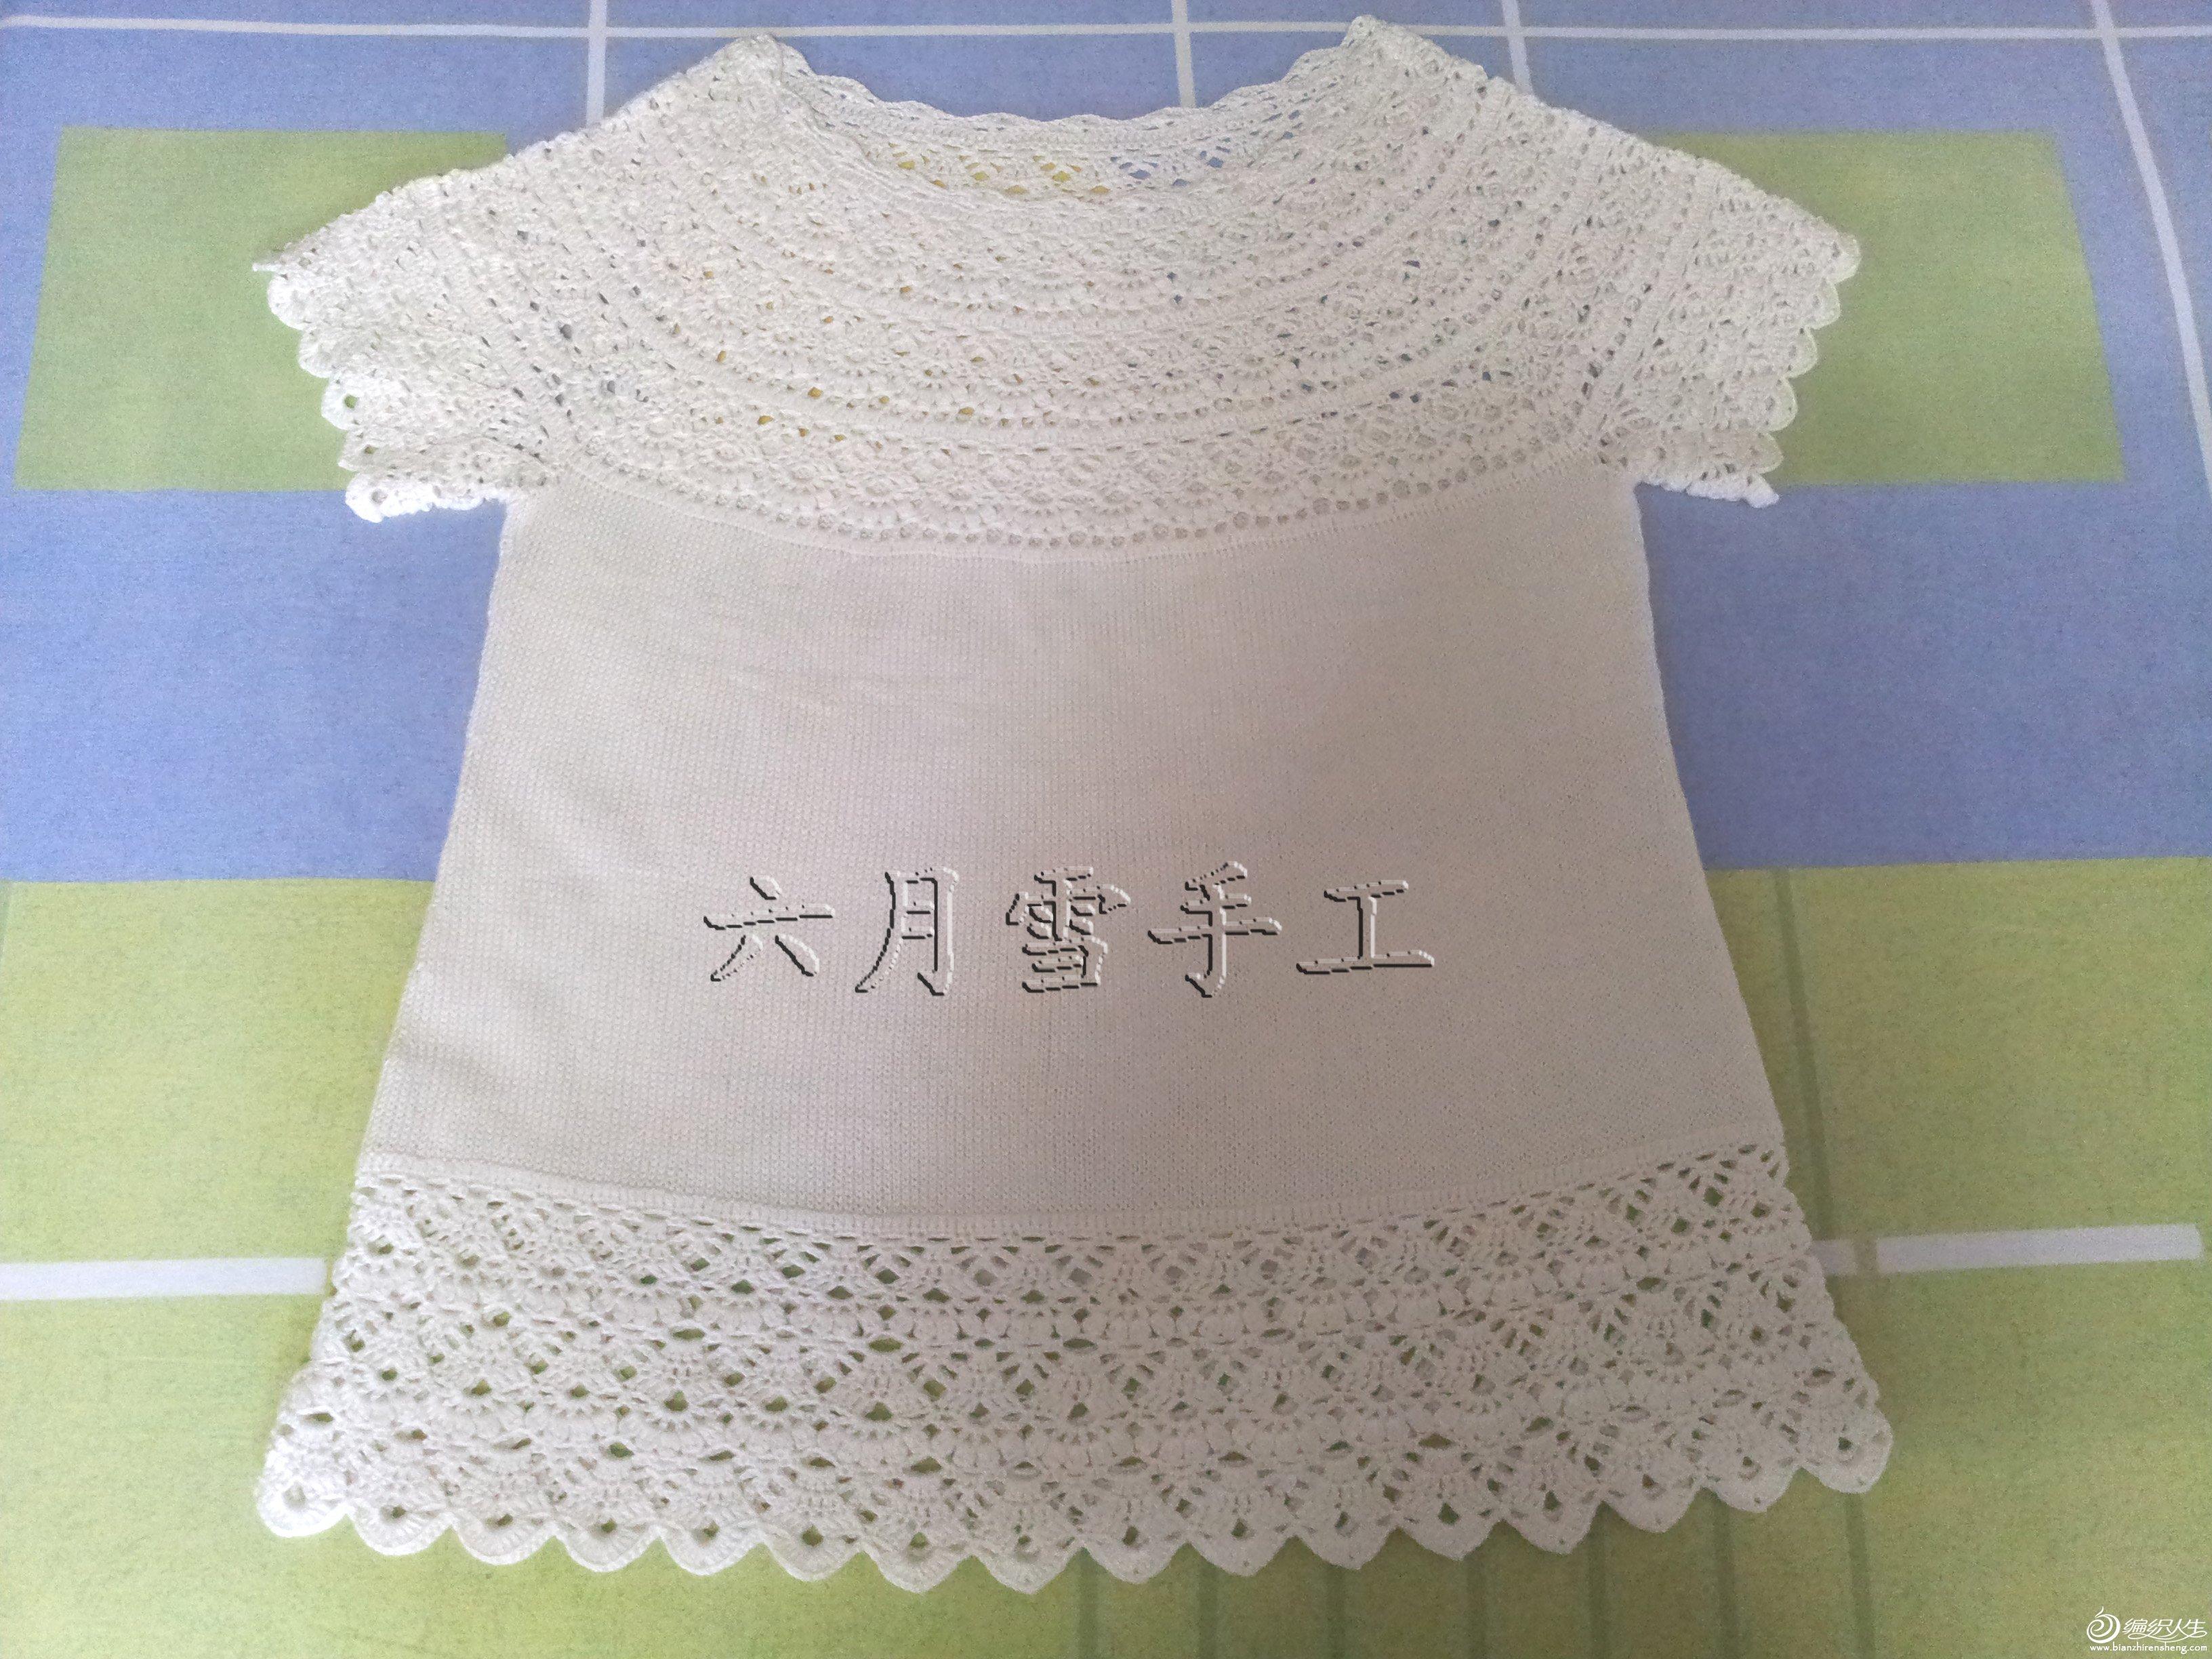 20120725_173332副本.jpg